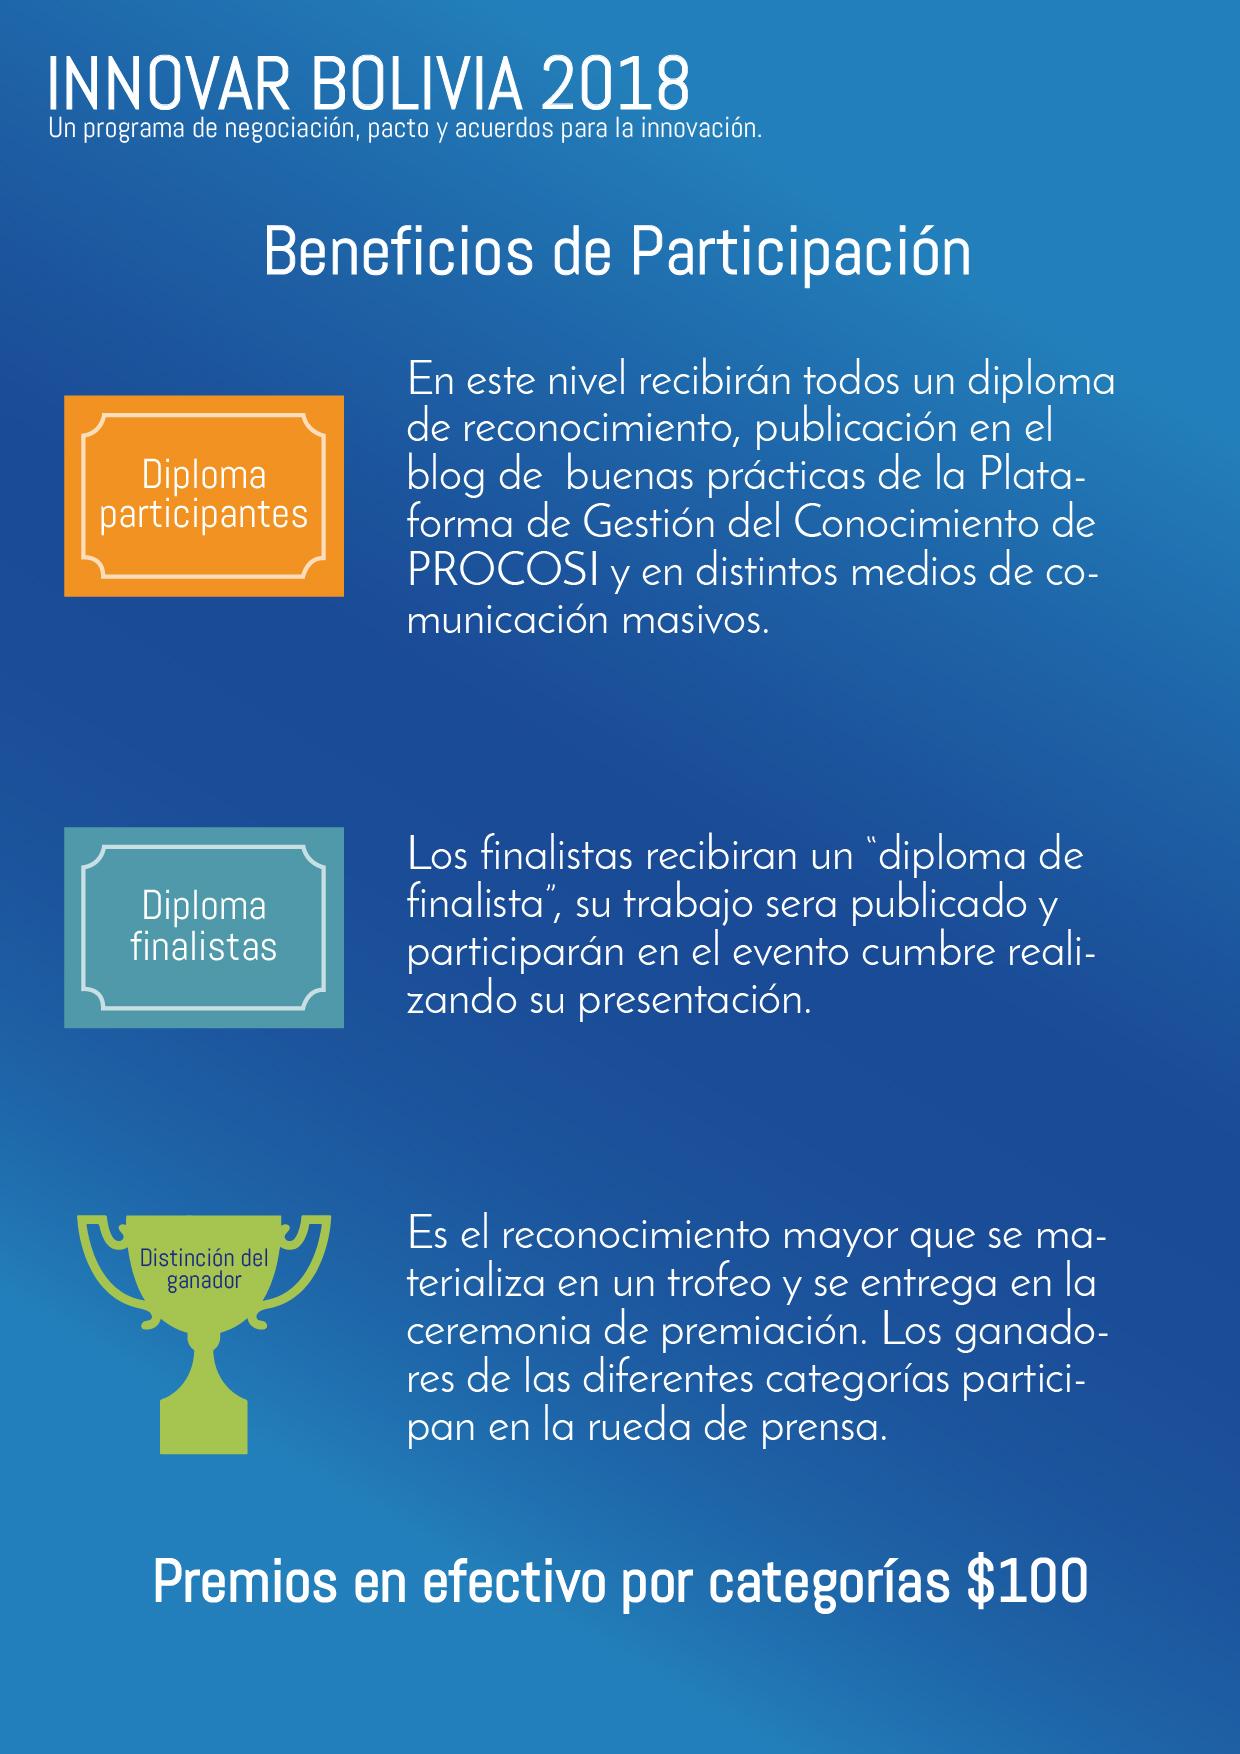 INNOVAR BOLIVIA 2018: Un programa de negociación, pacto y acuerdos para la innovación